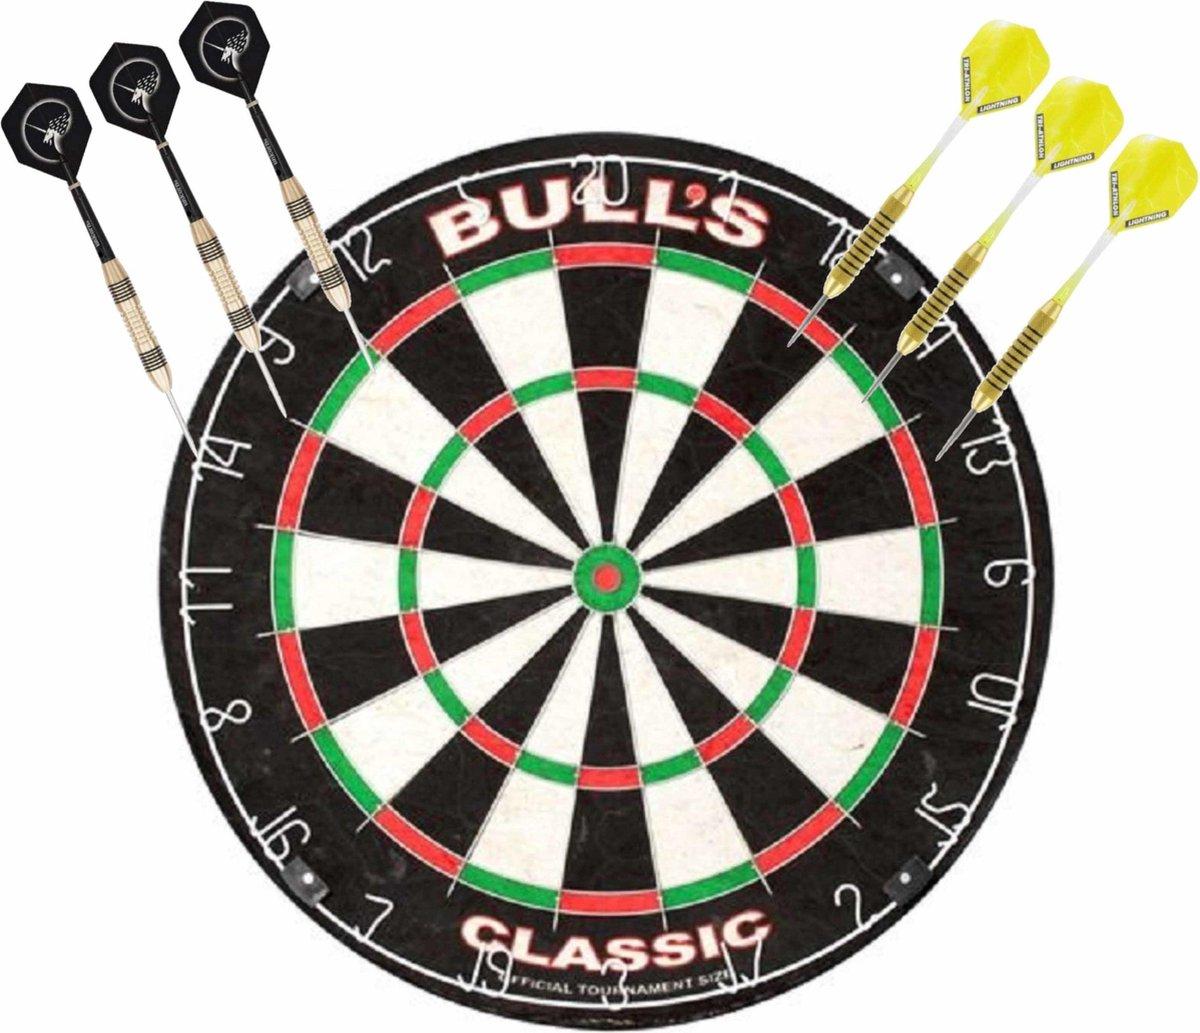 Professioneel dartbord Bulls The Classic incl 2 sets dartpijlen 21 grams - Sportief spelen - Darten/darts - Dartborden voor kinderen en volwassenen.